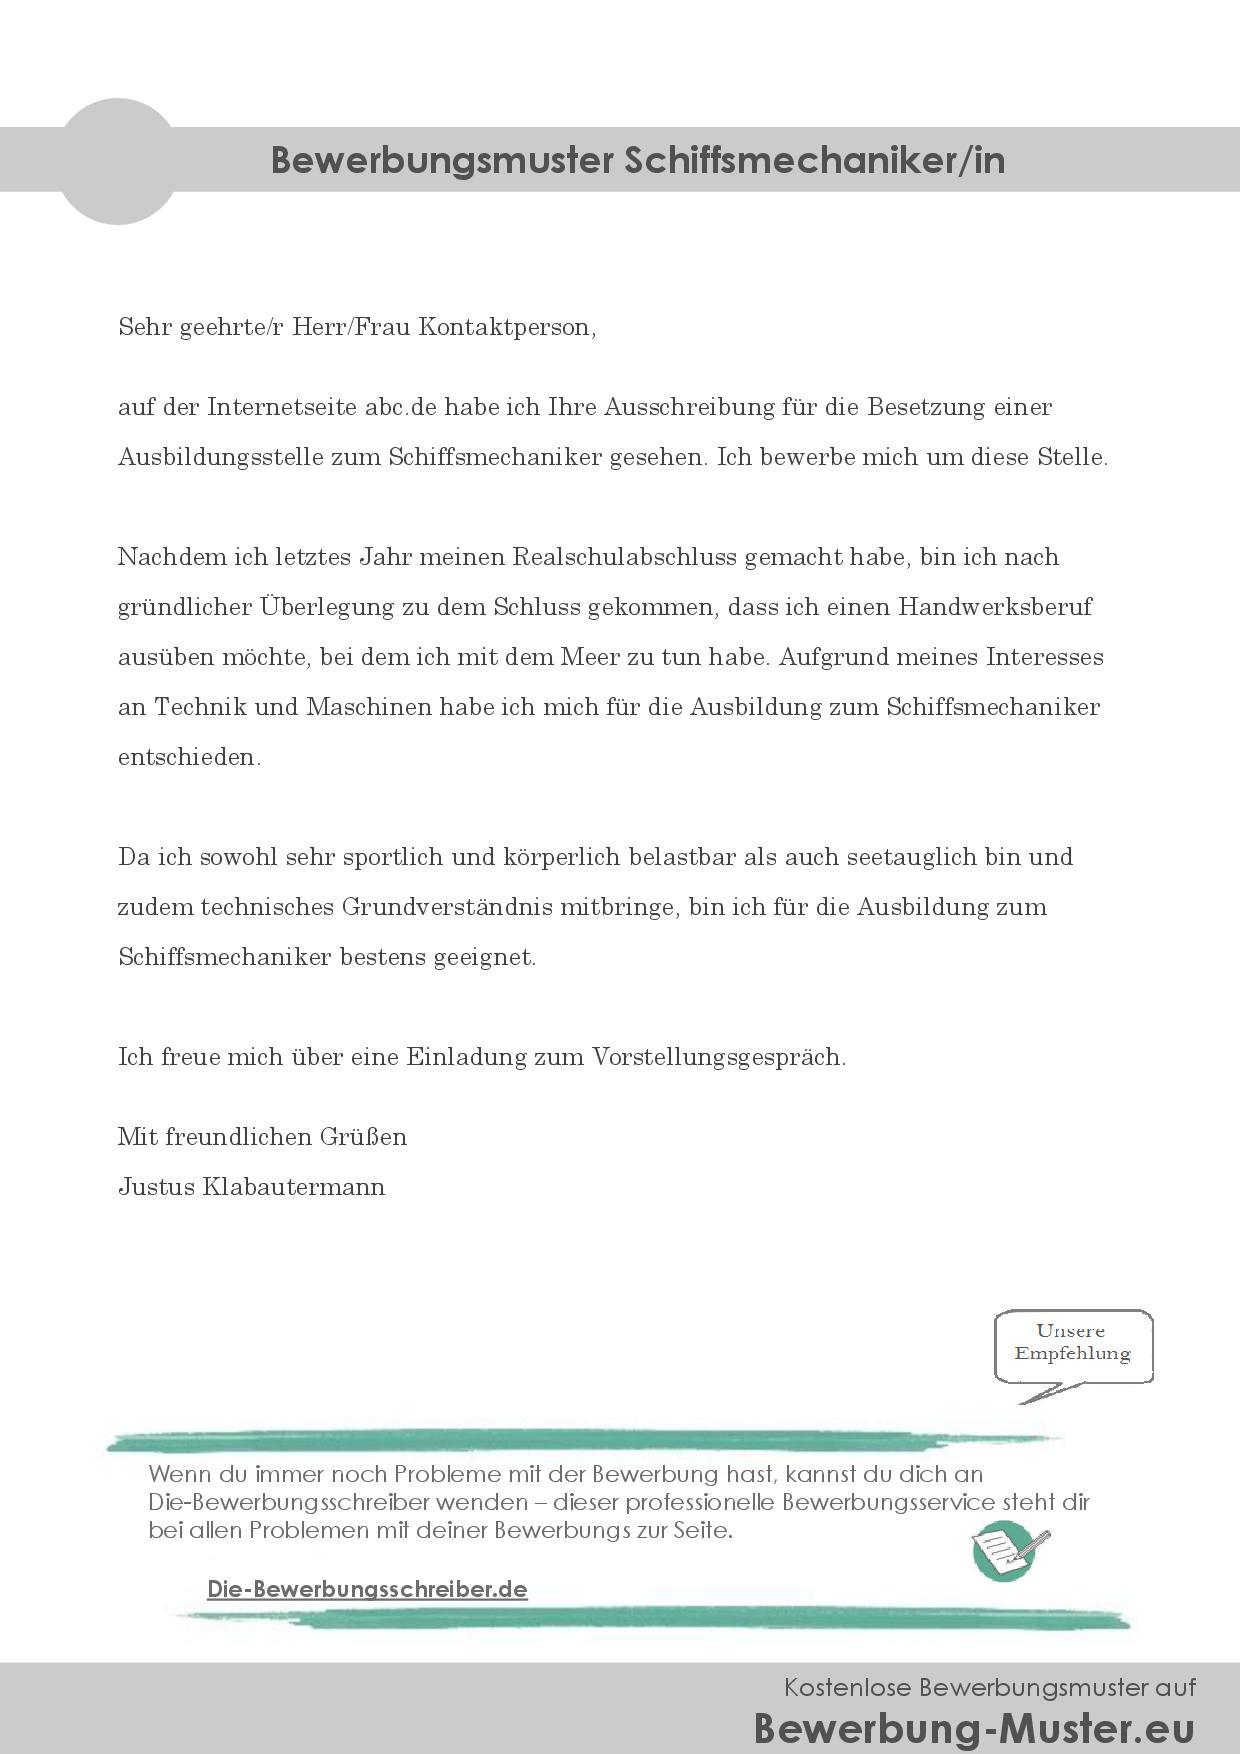 kostenloses bewerbungsmuster - schiffsmechaniker/in, Einladung